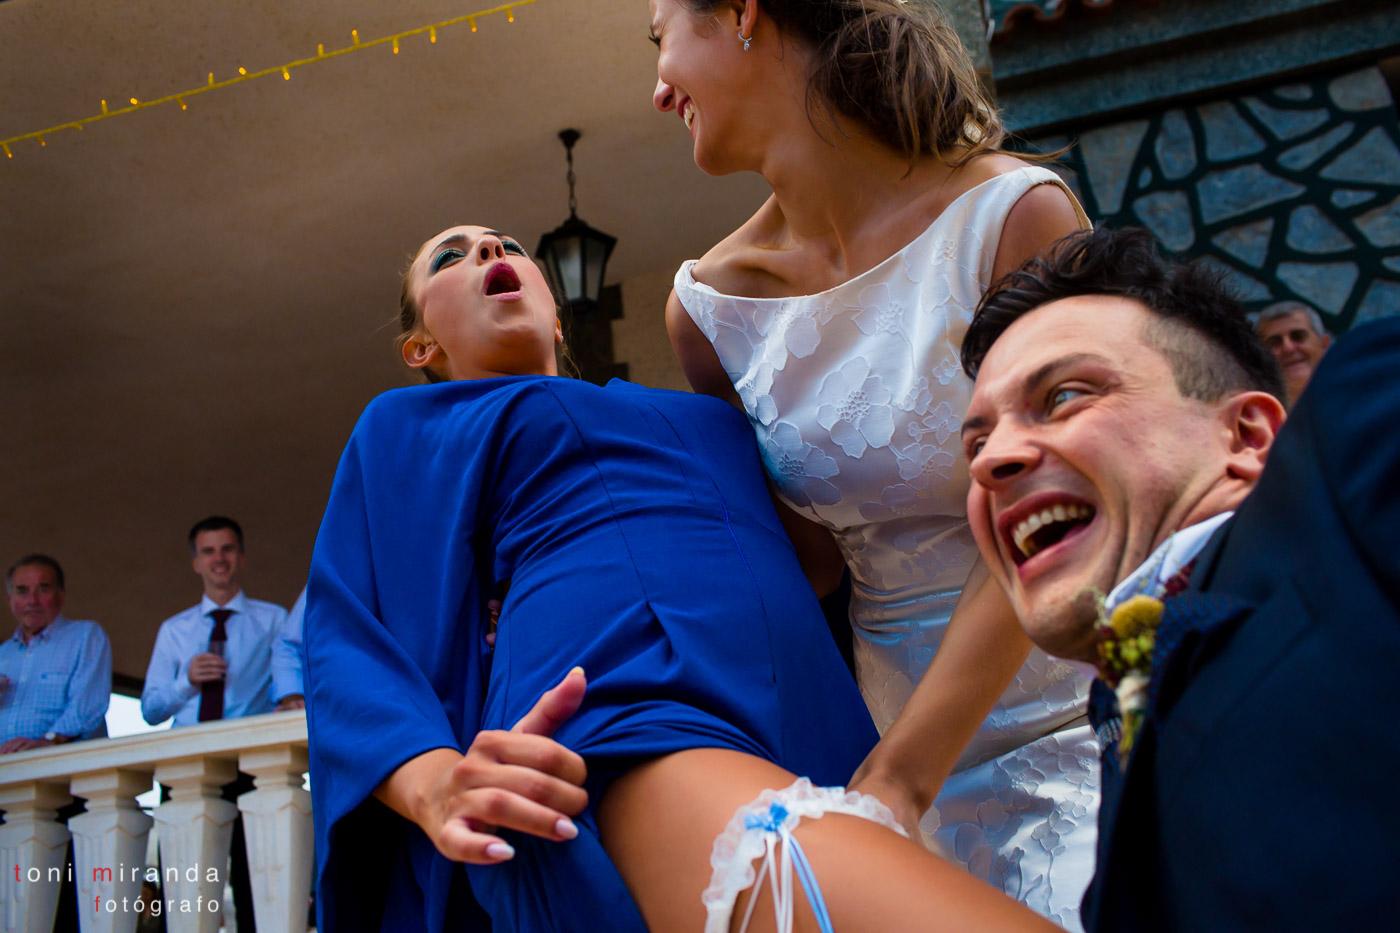 Entrega de liga en banquete de boda en Aspe